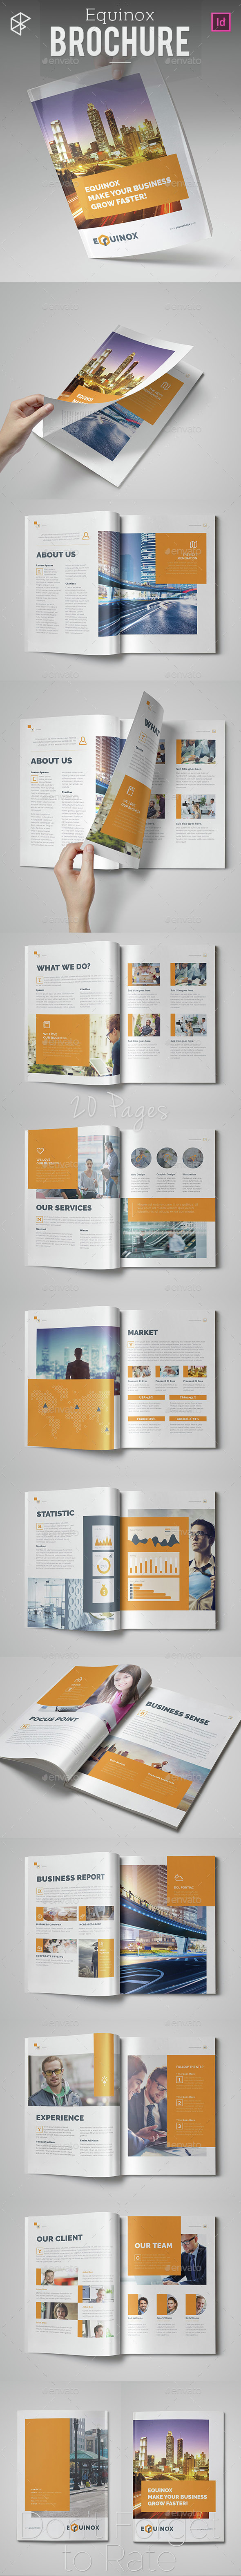 Equinox Brochure - Corporate Brochures